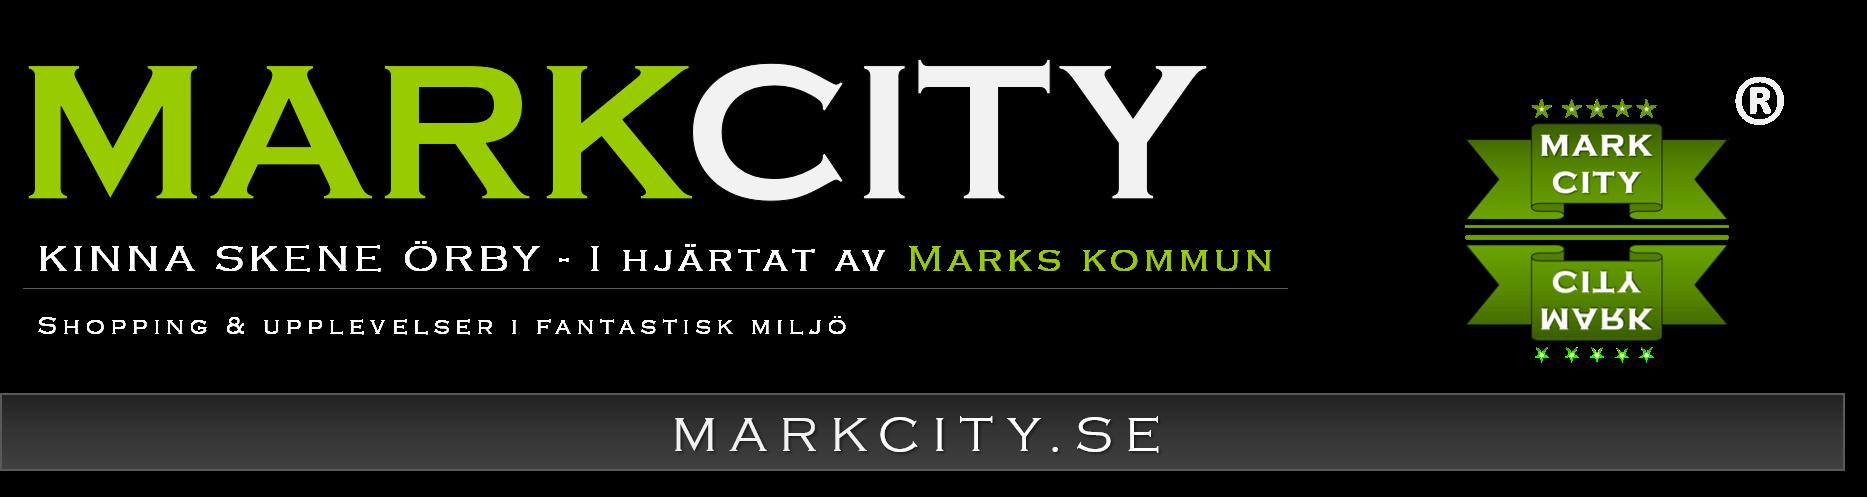 MARK CITY